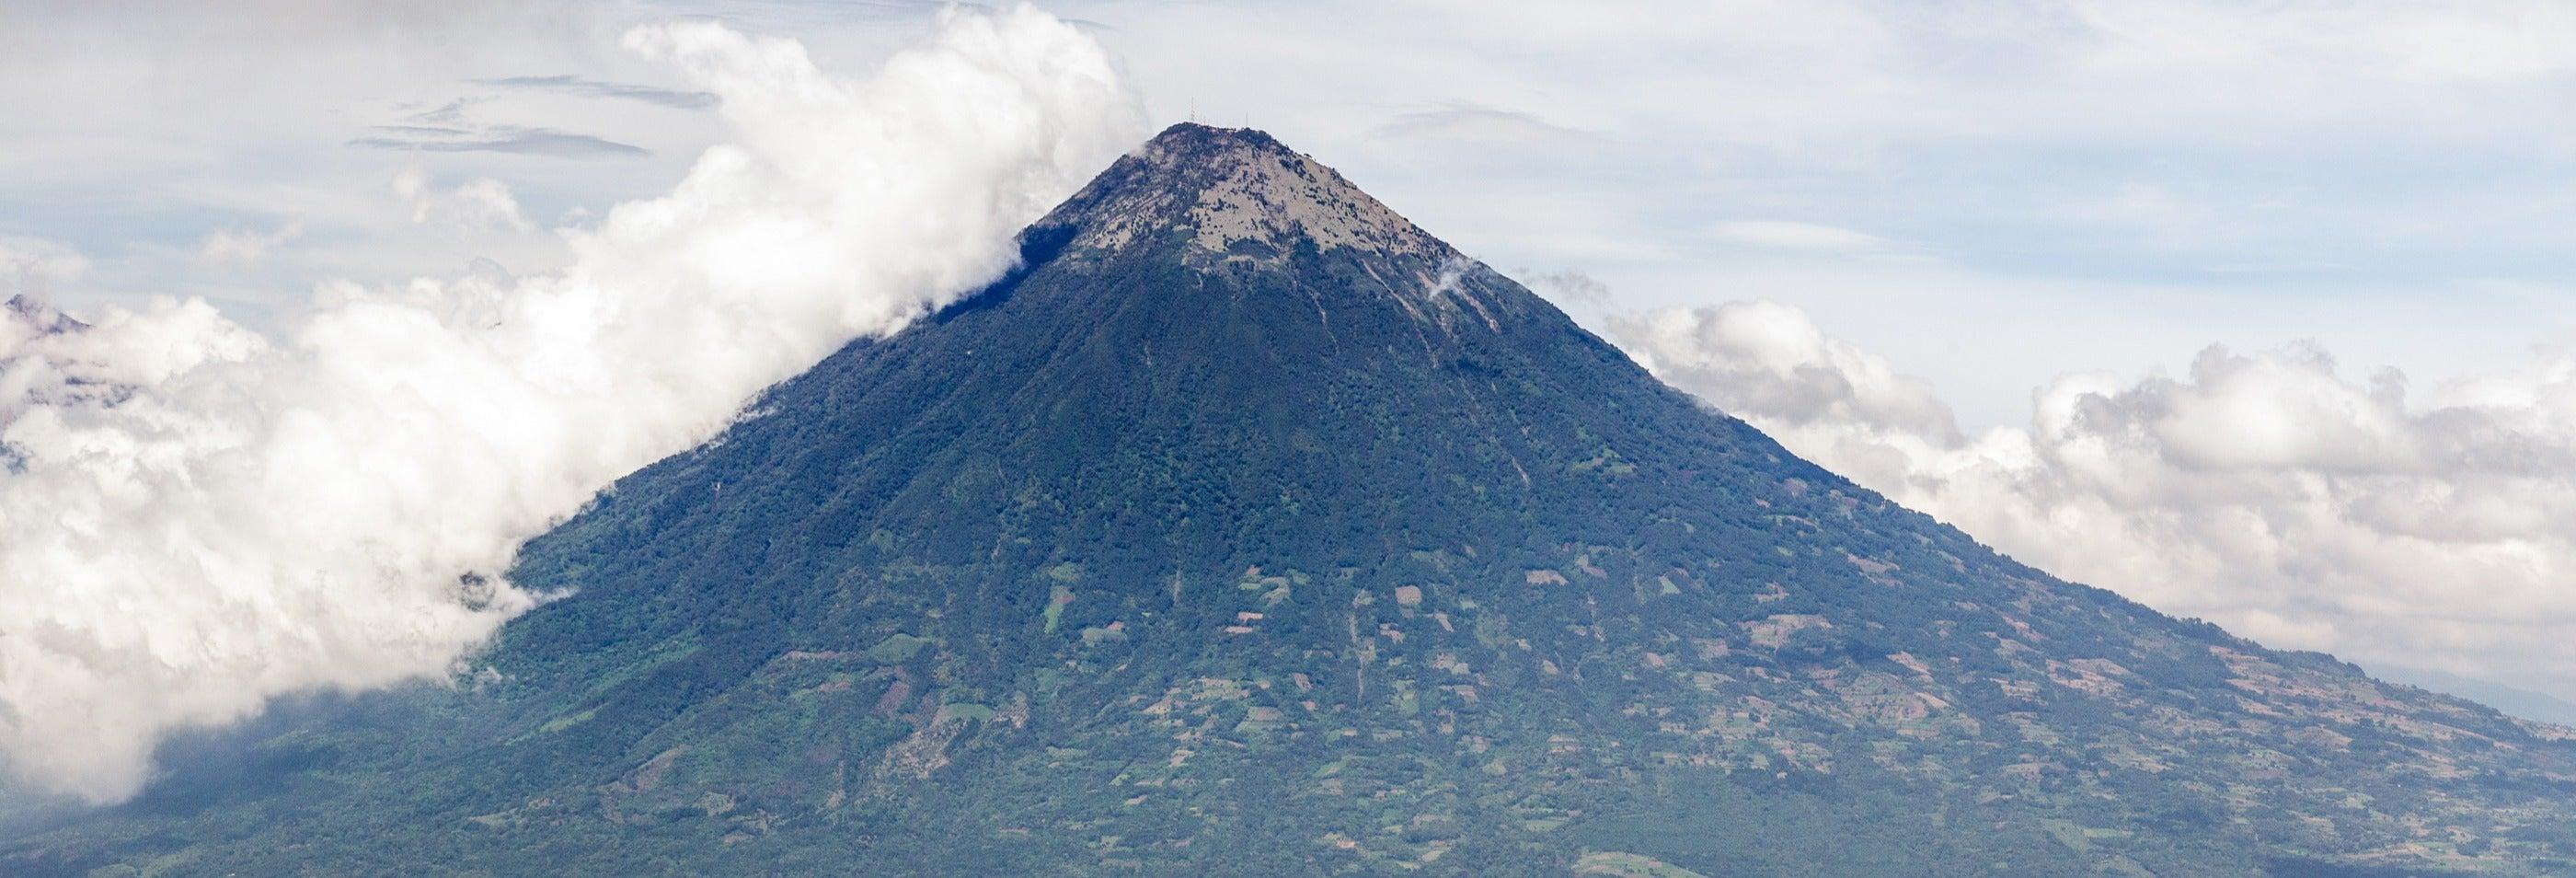 Excursión al Volcán Pacaya